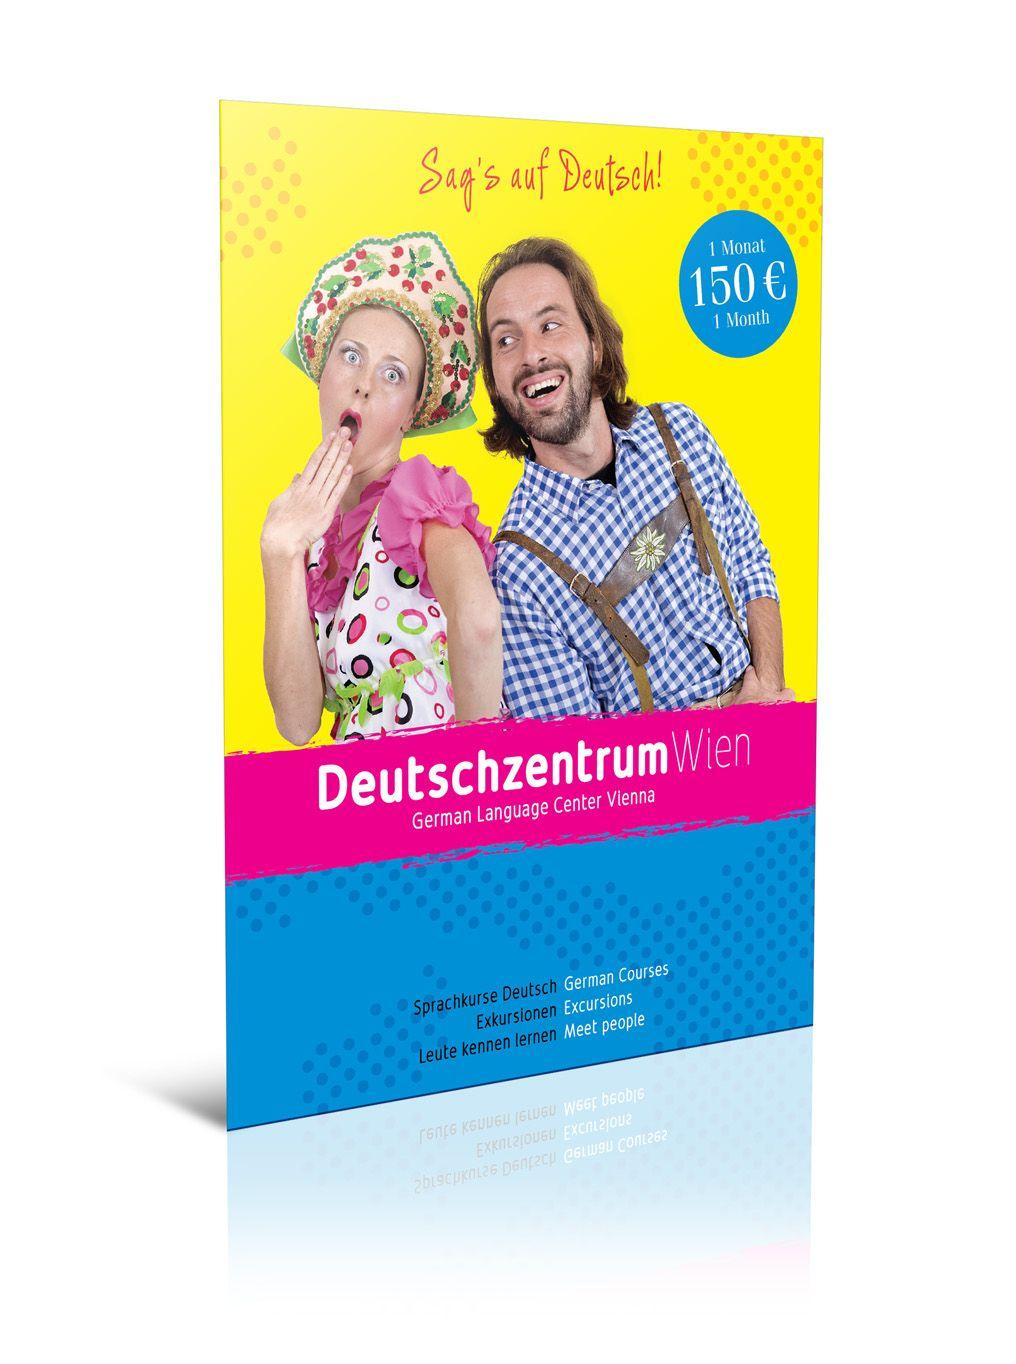 Sprachzentrum Wien